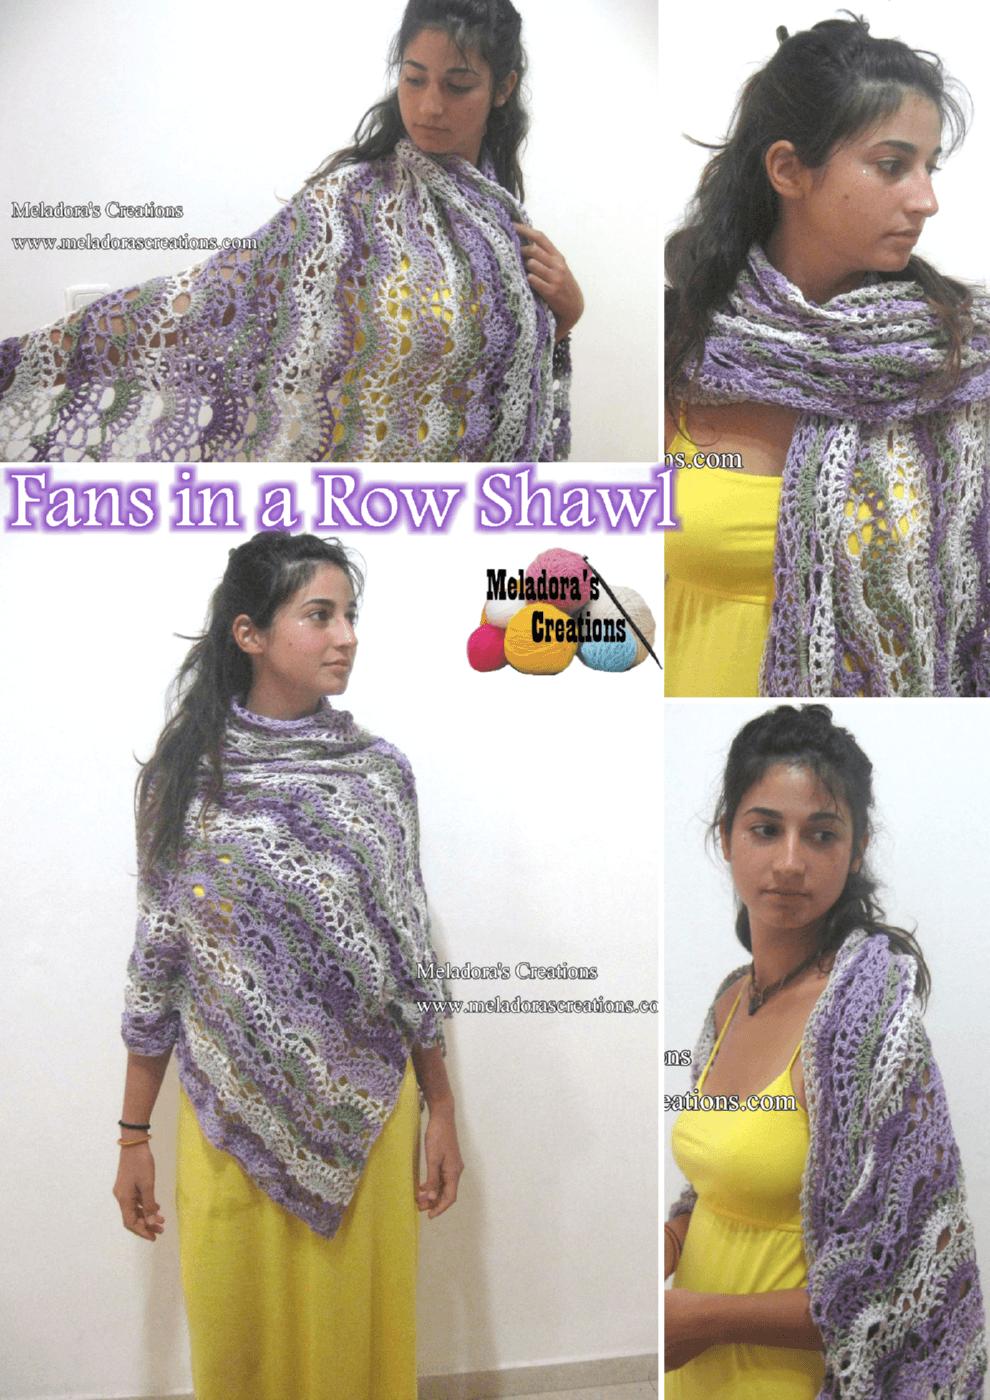 Large Crochet Fan Stitch - Fans in a Row Lacy Shawl – Free Crochet Pattern